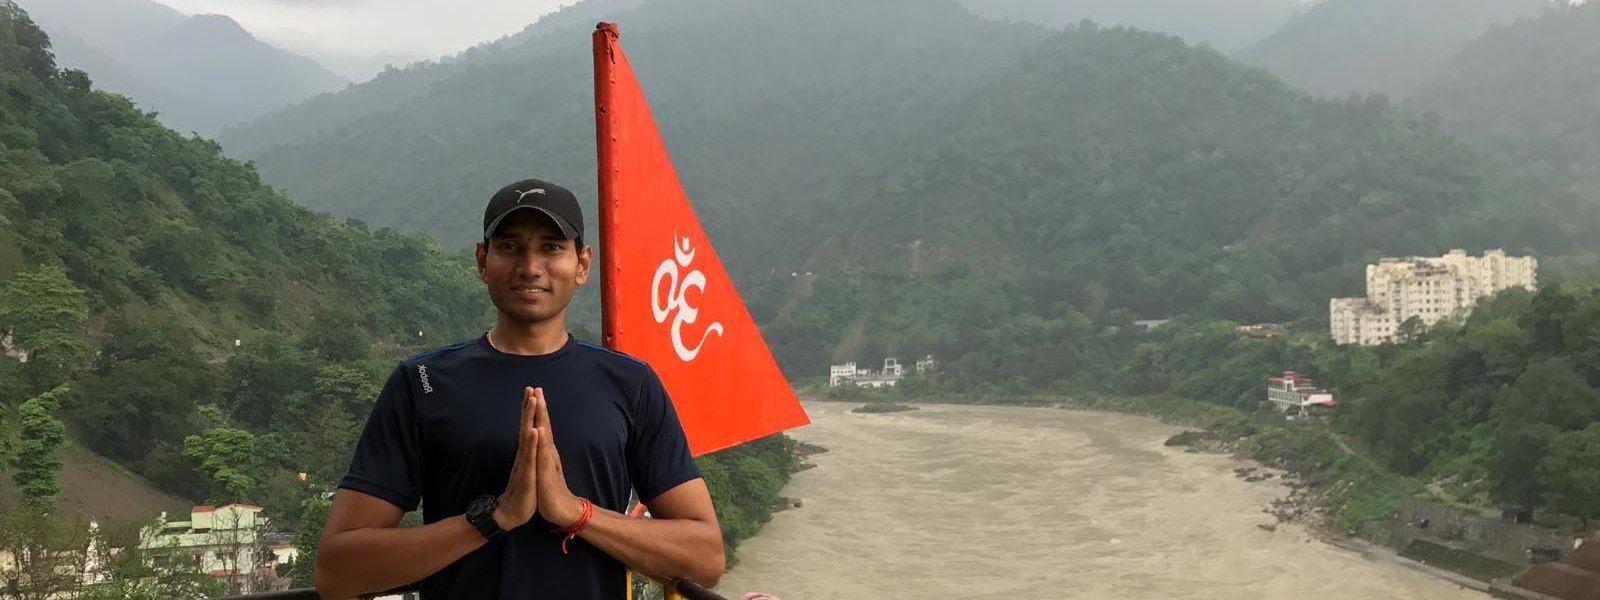 gaurav negi yoga teacher